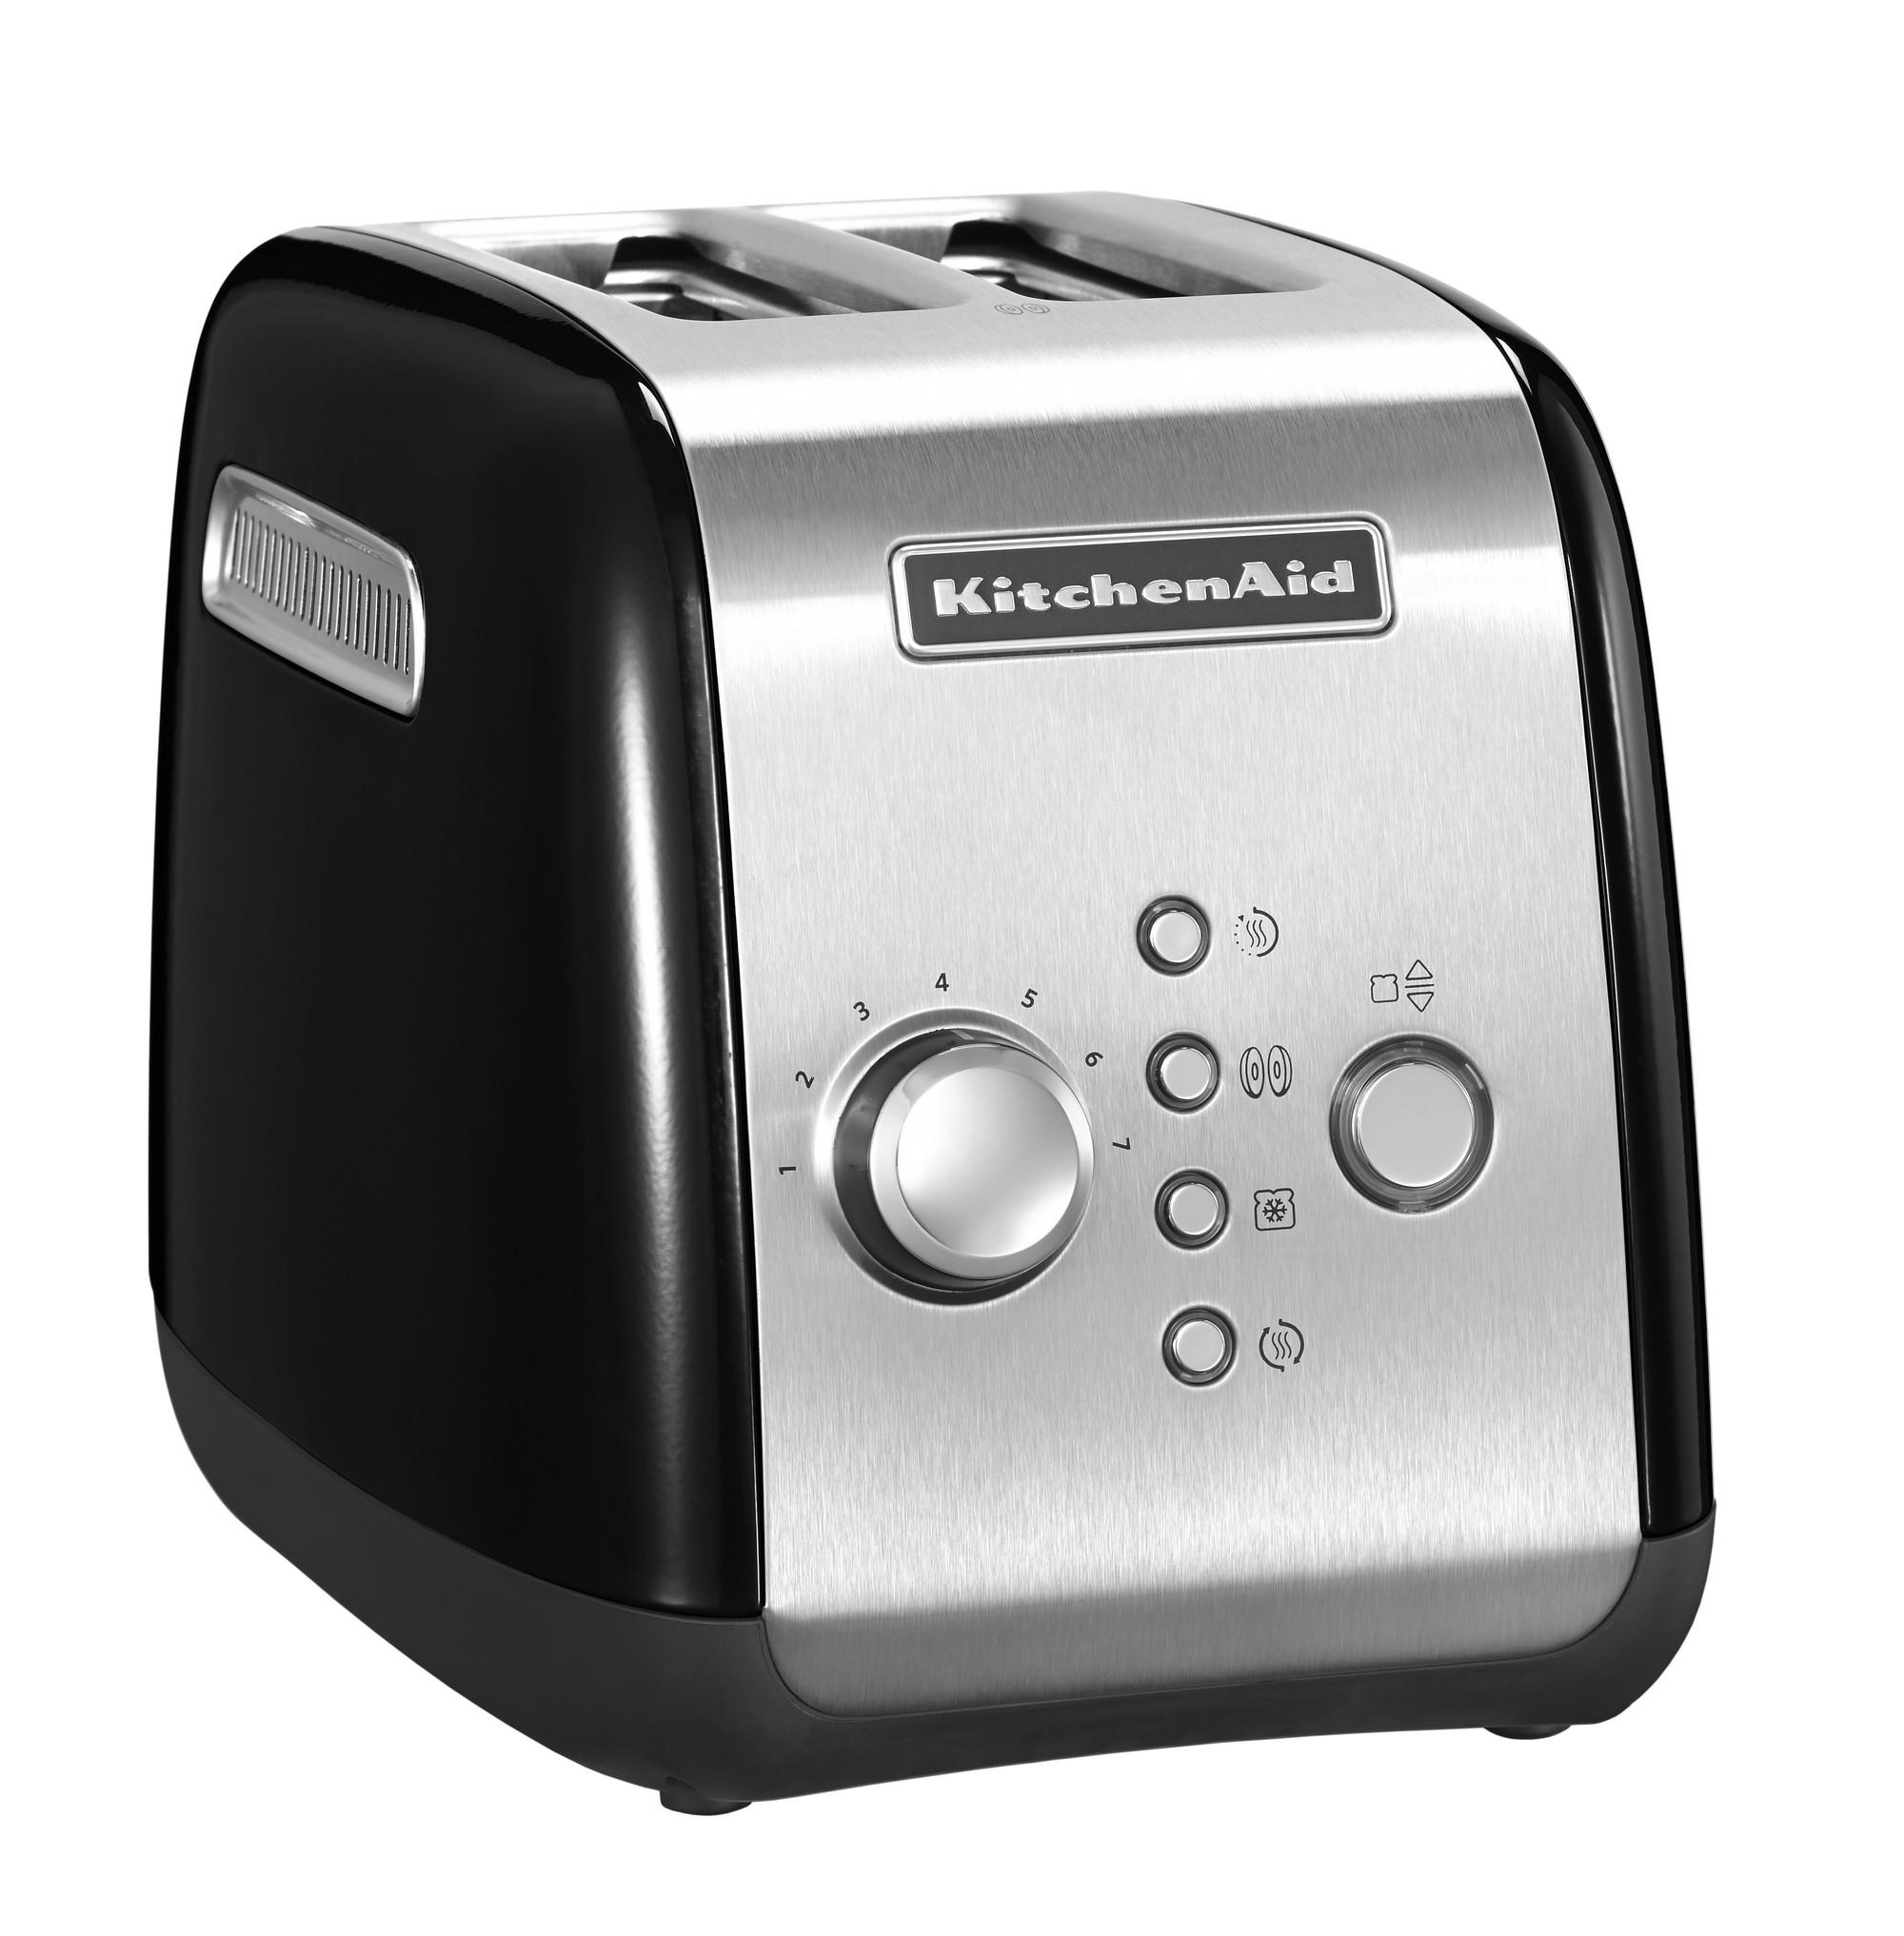 Тостер на 2 хлебца, черный, 5KMT221, KitchenAidТостеры<br>&#13;<br>&#13;<br>Тип: на 2 хлебца;&#13;<br>Материал корпуса: сталь;&#13;<br>Хромированная ручка регулирования температуры;&#13;<br>Широкие отверстия для тостов;&#13;<br>Шкала с 7 степенями поджаривания;&#13;<br>Кнопка «Приготовление»/«Отмена»: позволяет опустить/поднять тосты вручную;&#13;<br>Функция для приготовления булочек и бейглов: поджаривает изнутри, подогревает снаружи;&#13;<br>Функция размораживания;&#13;<br>Режим подогрева в течение 3 мин.&#13;<br><br>